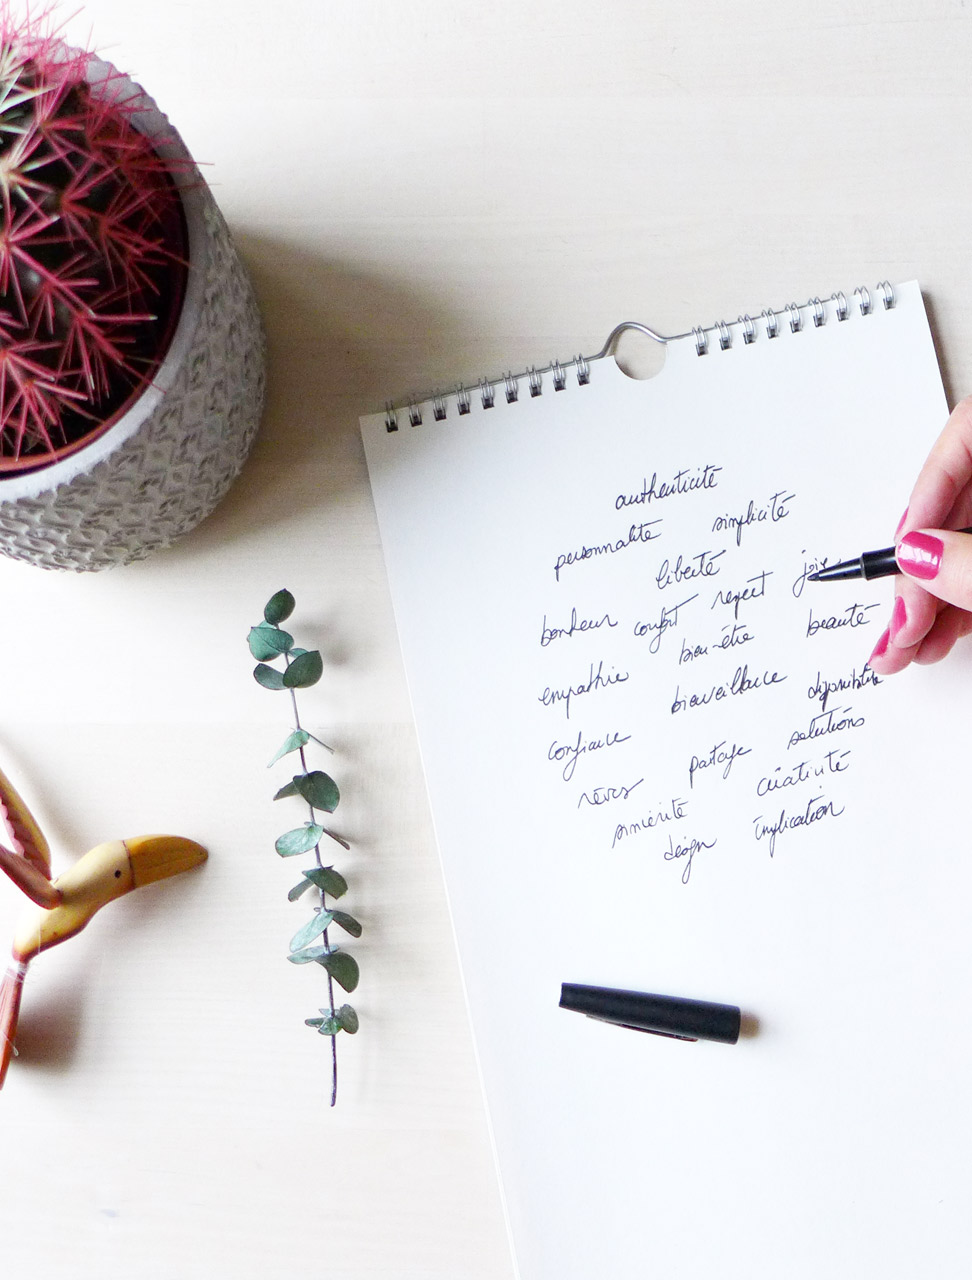 Illustration. Un bloc avec des mots clés jetés sur la papier, un cactus, une branche d'eucalyptus et une sculpture d'oiseau en bois sont disposés sur un fond bois.